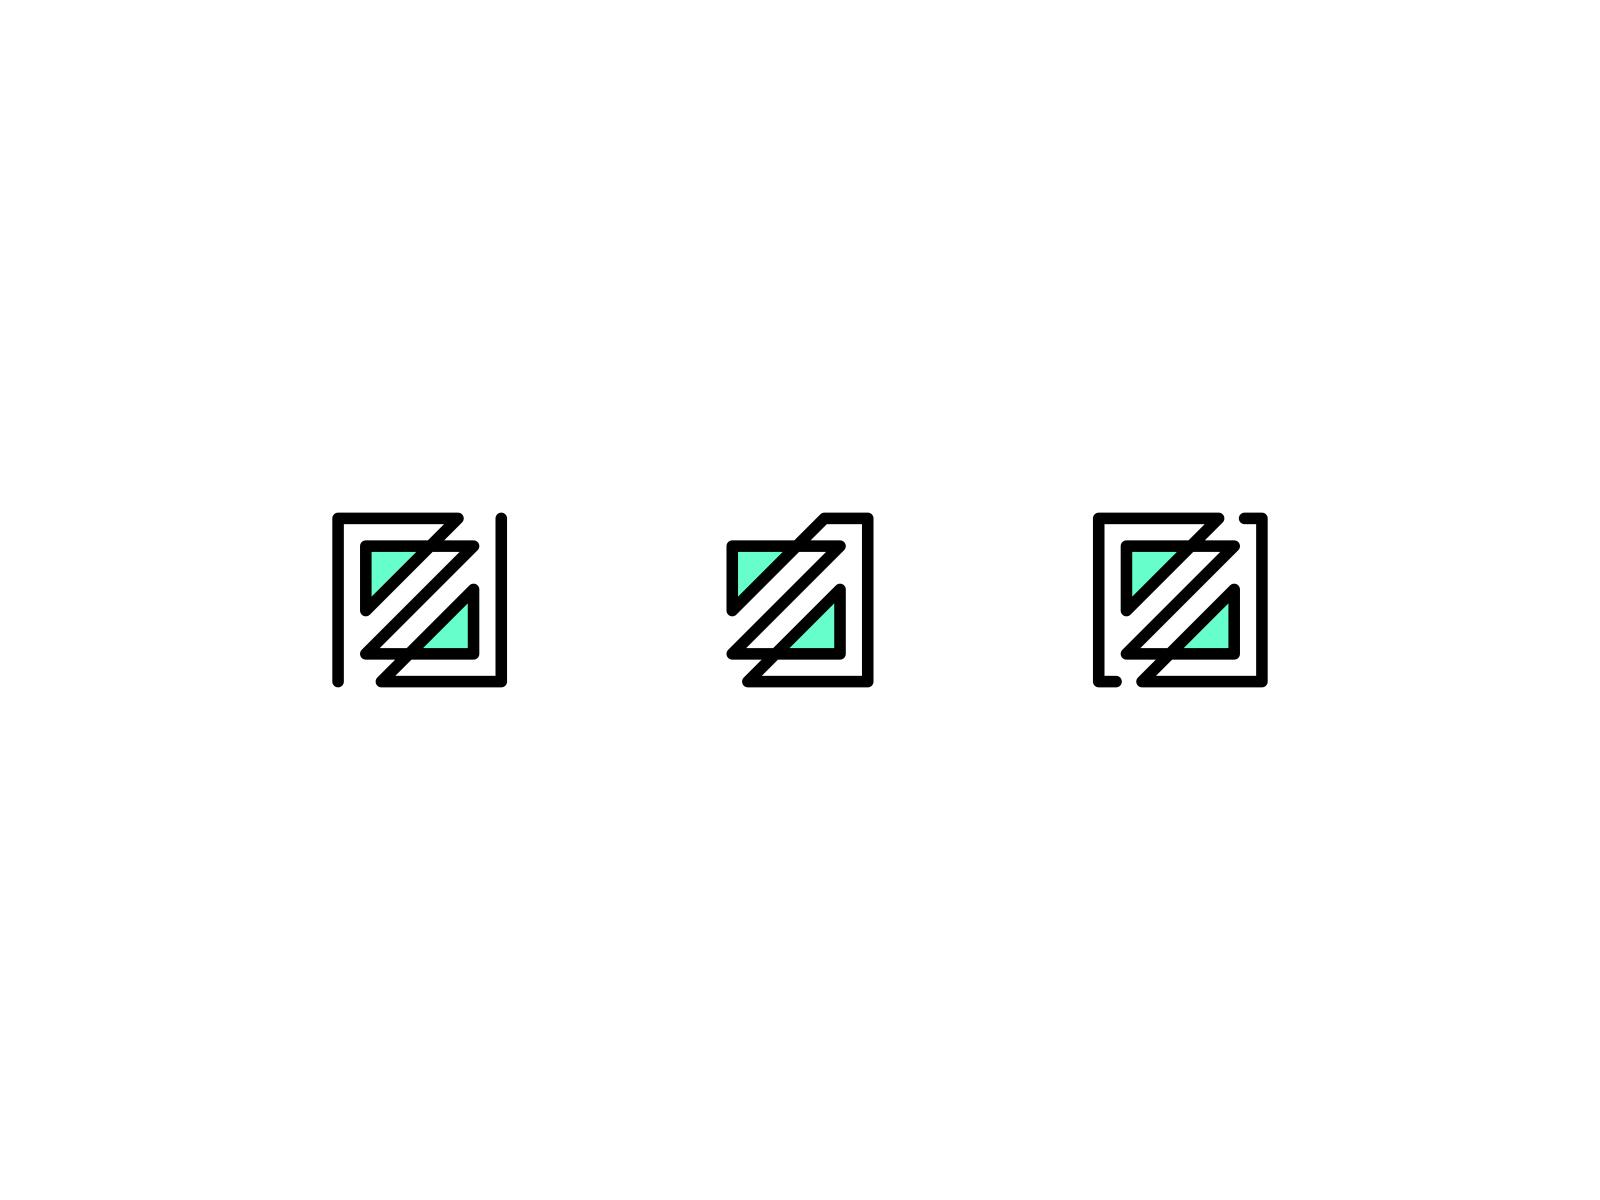 Z Mark various multiple design ambigram aqua teal visual logo lettermark zag zig art line abstract identity branding mark box letter z